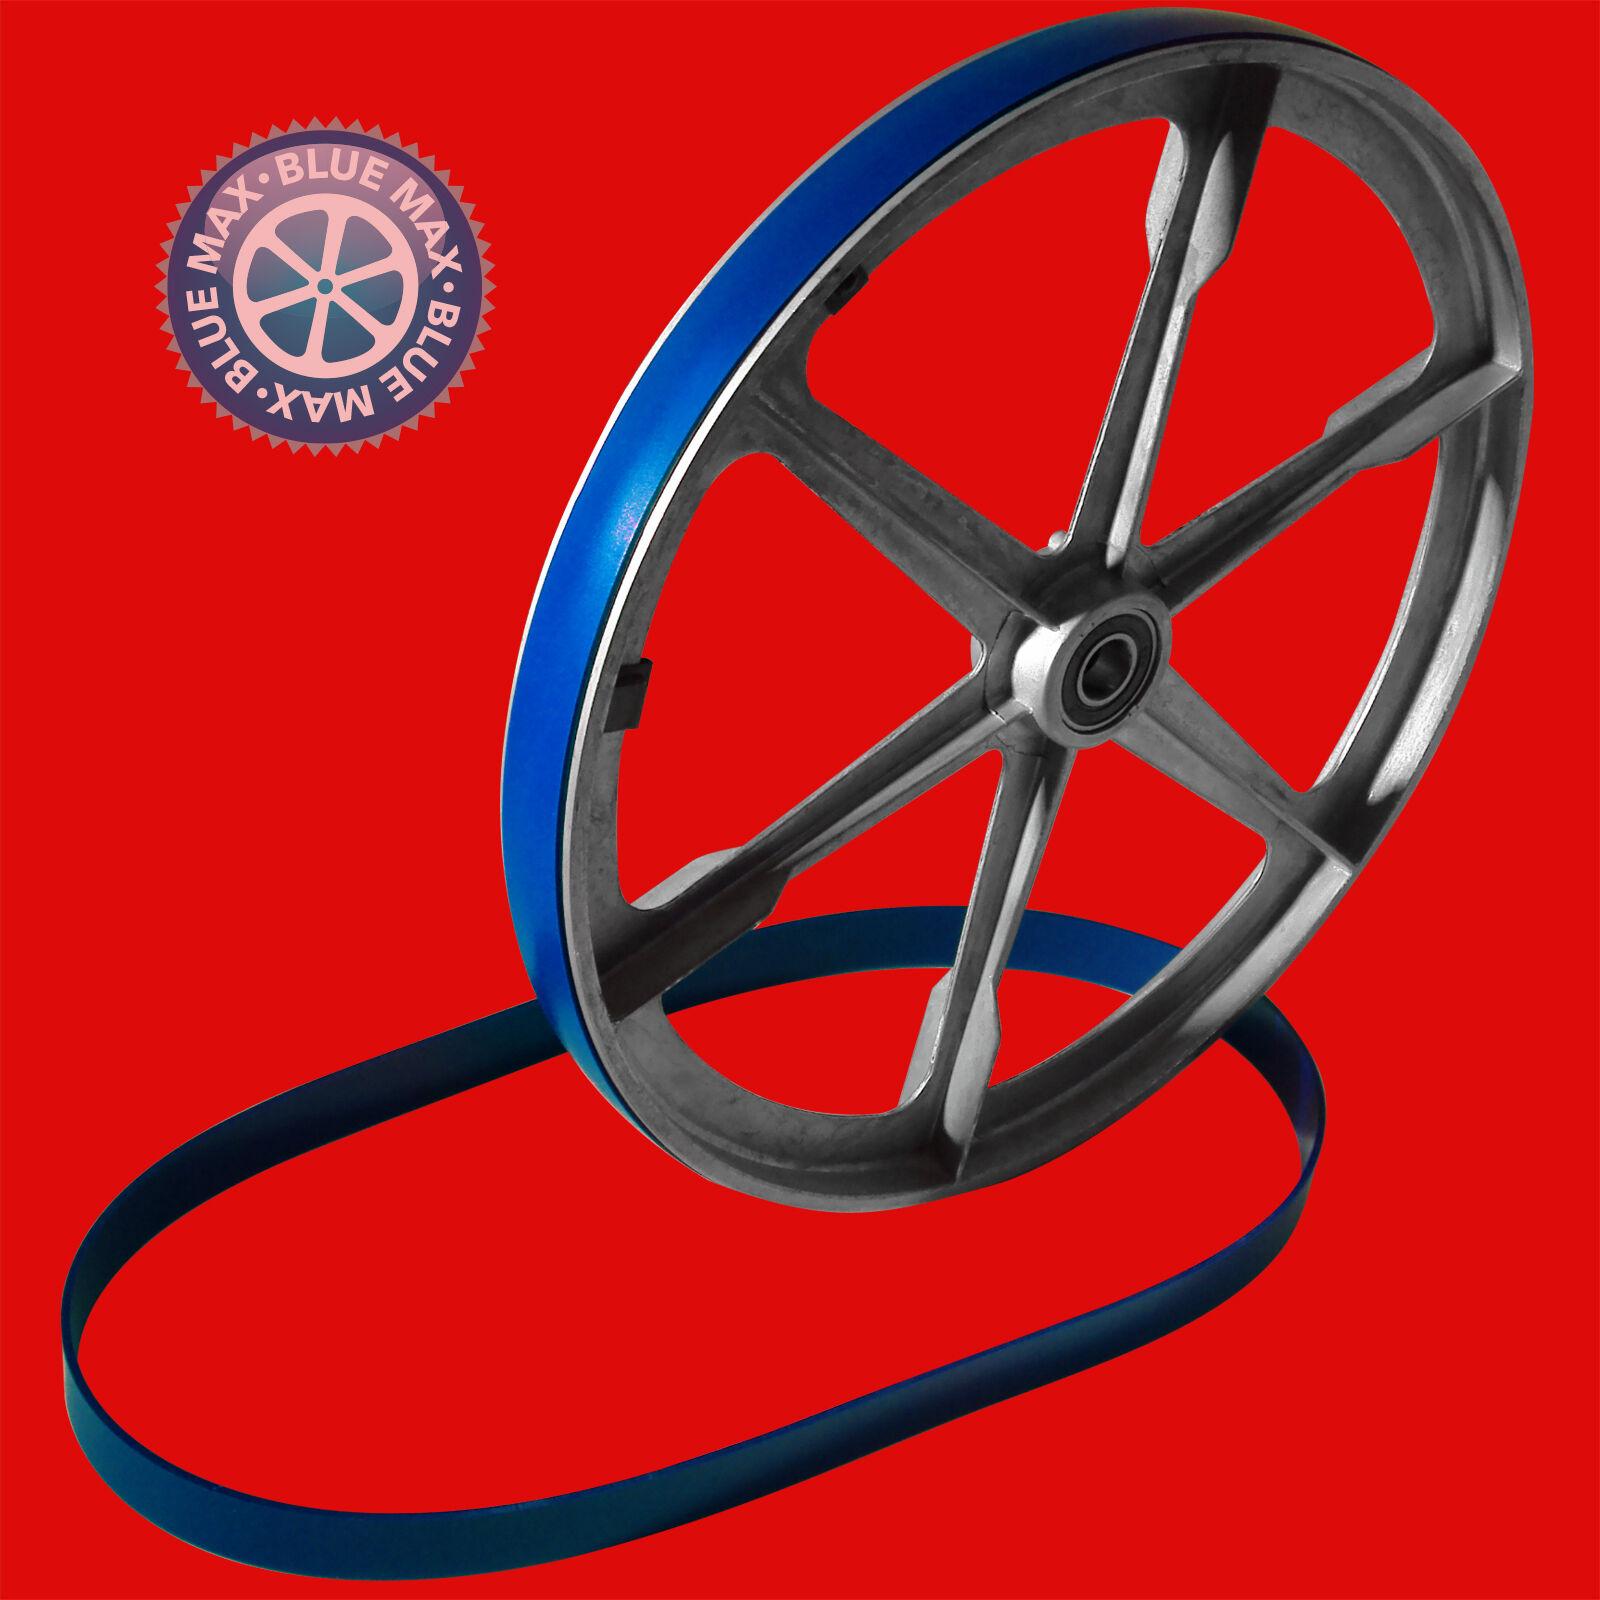 20  X 3.8cm X 0.3cm Blau Max Cinta Sierra Neumáticos Cualquier Rueda 20  1 2